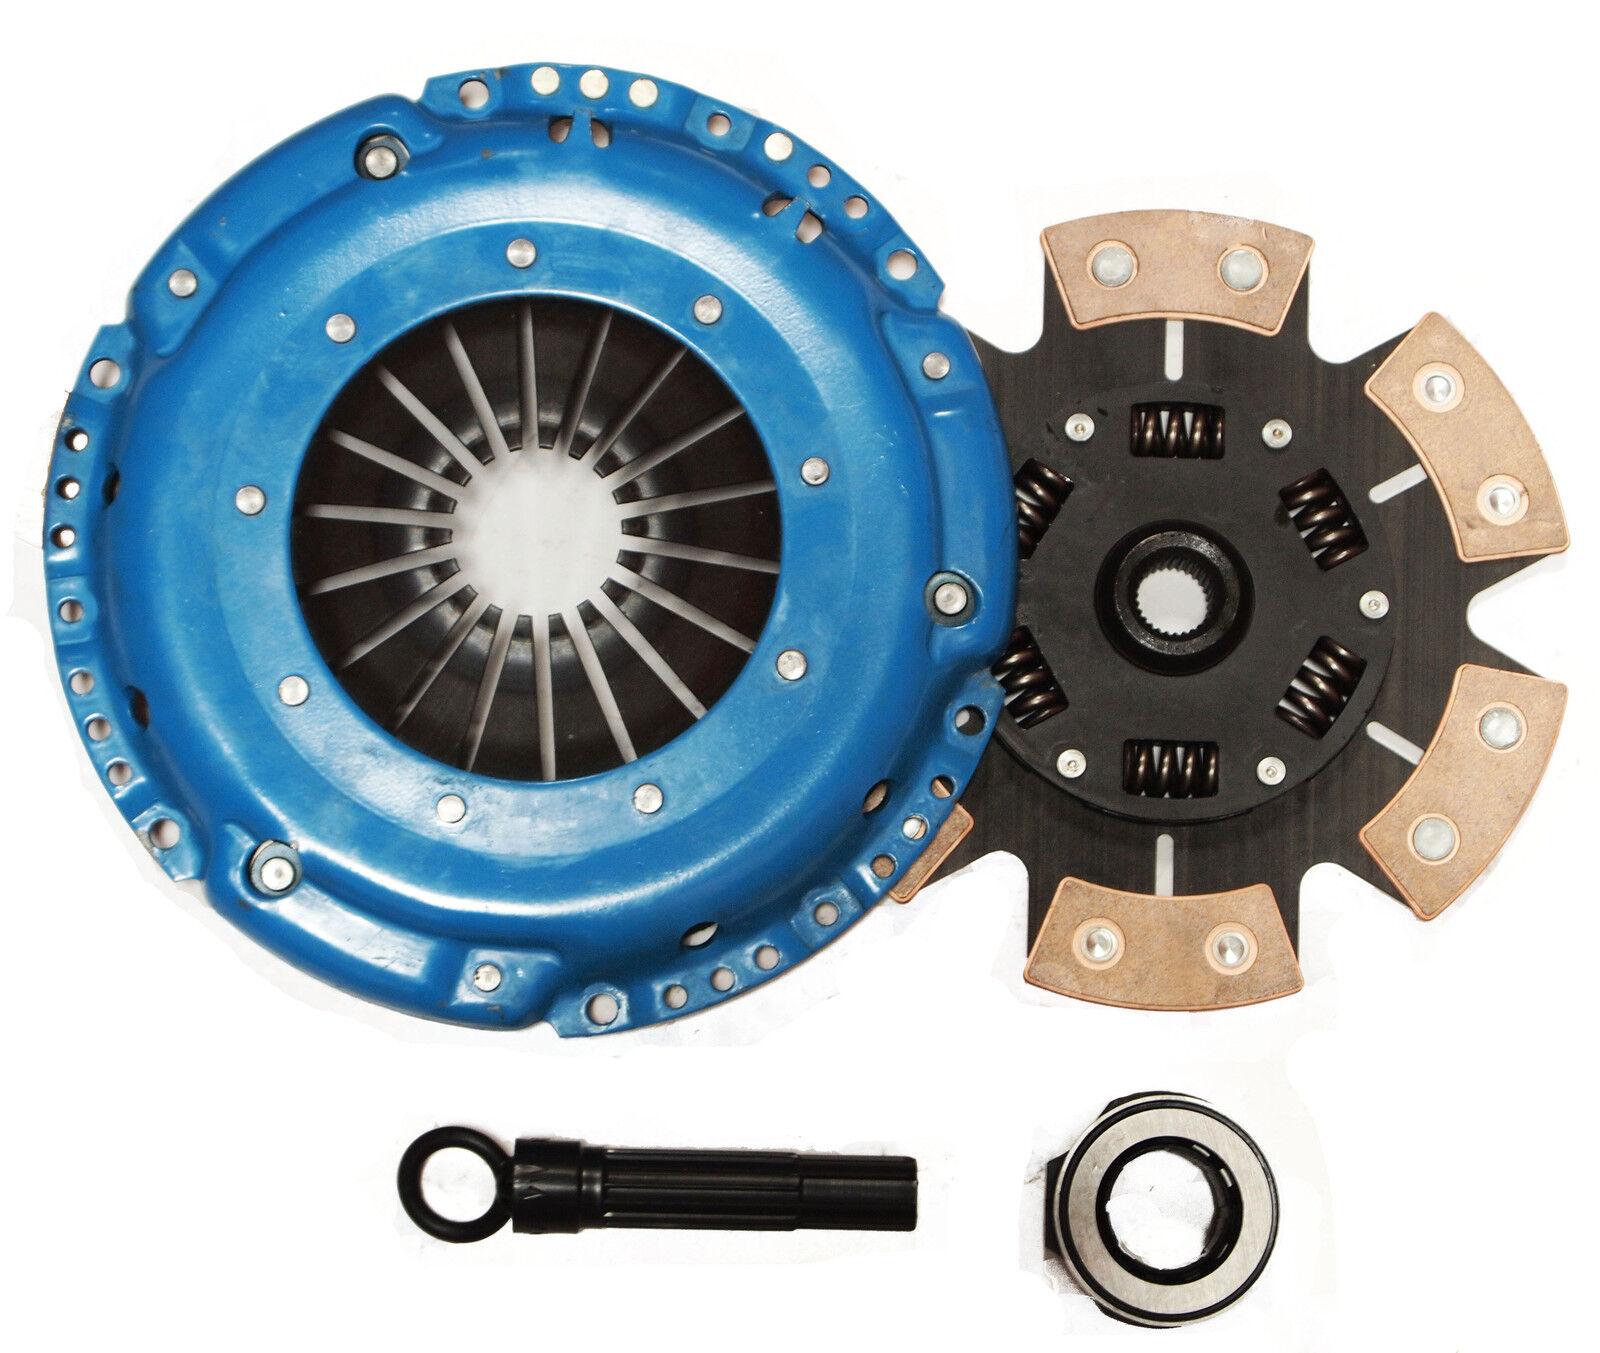 Porsche Boxster Engine Rattle: QSC VW CORRADO JETTA GOLF PASSAT 2.8L VR6 Stage 3 Ceramic